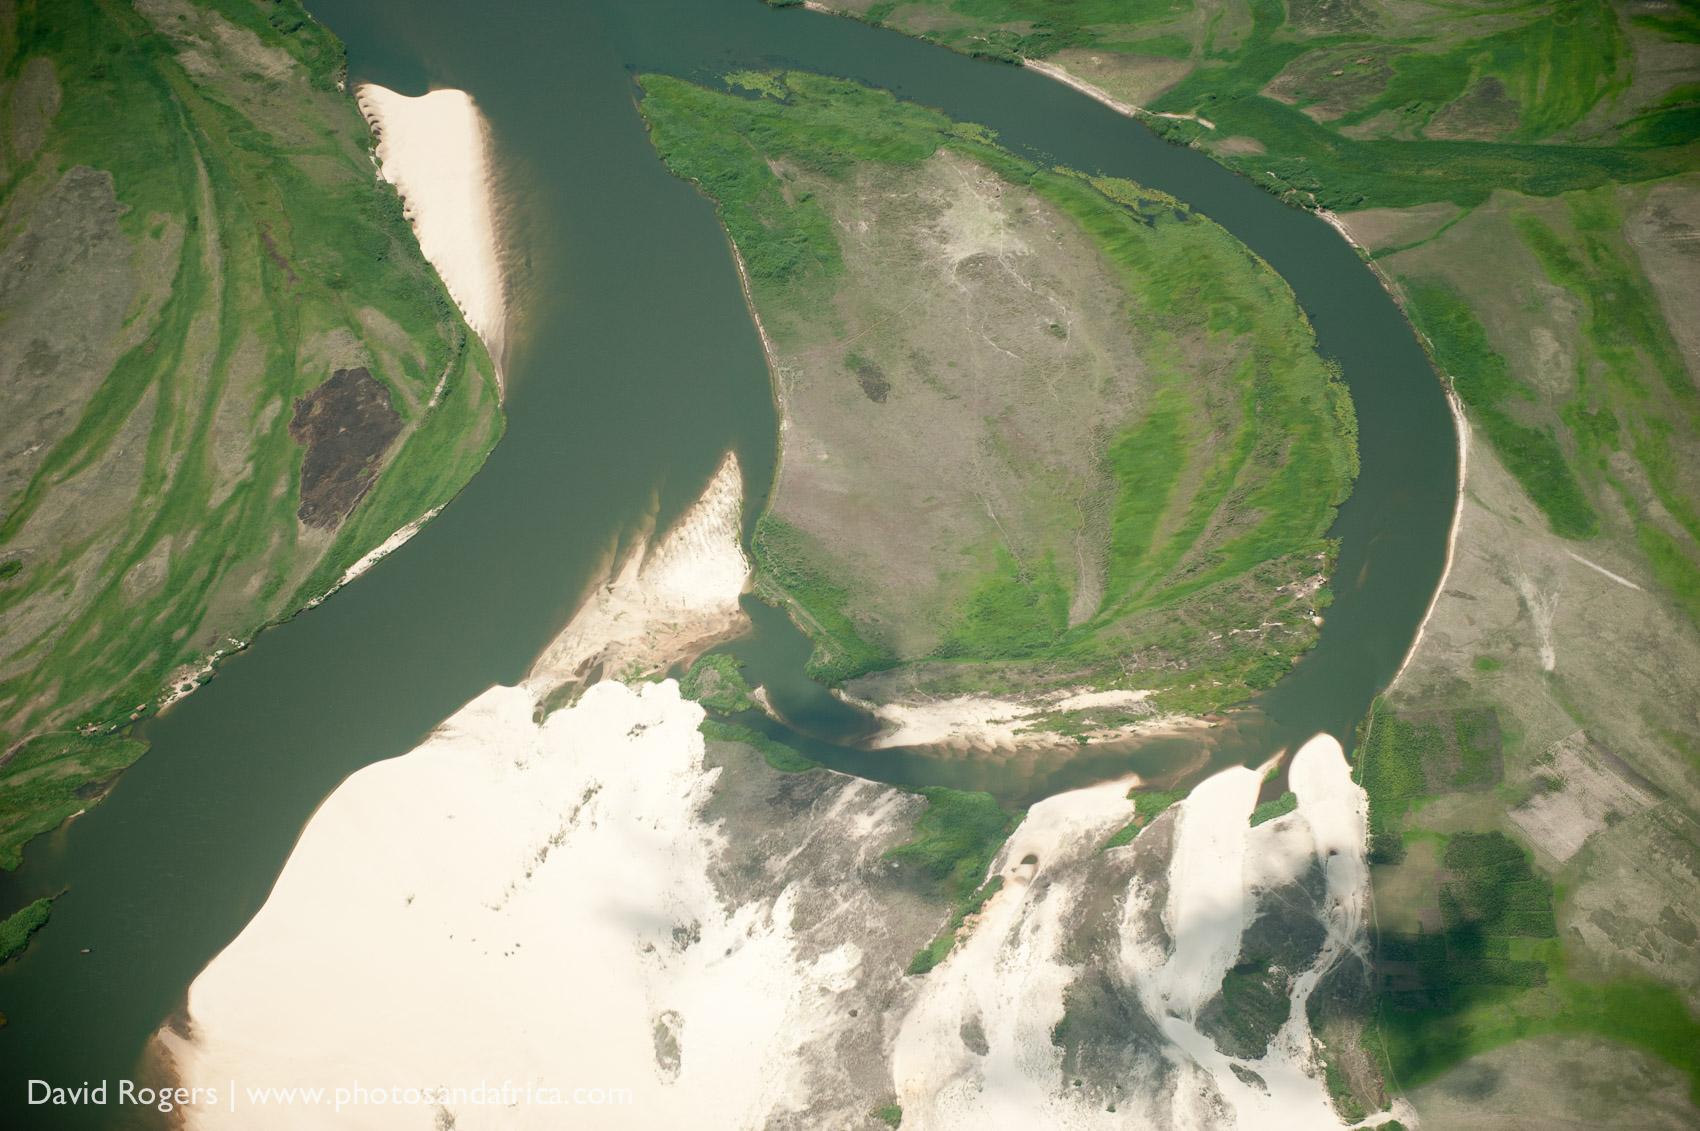 Zambia, Liuwa Plains National Park, view of the Zambezi River floodplain